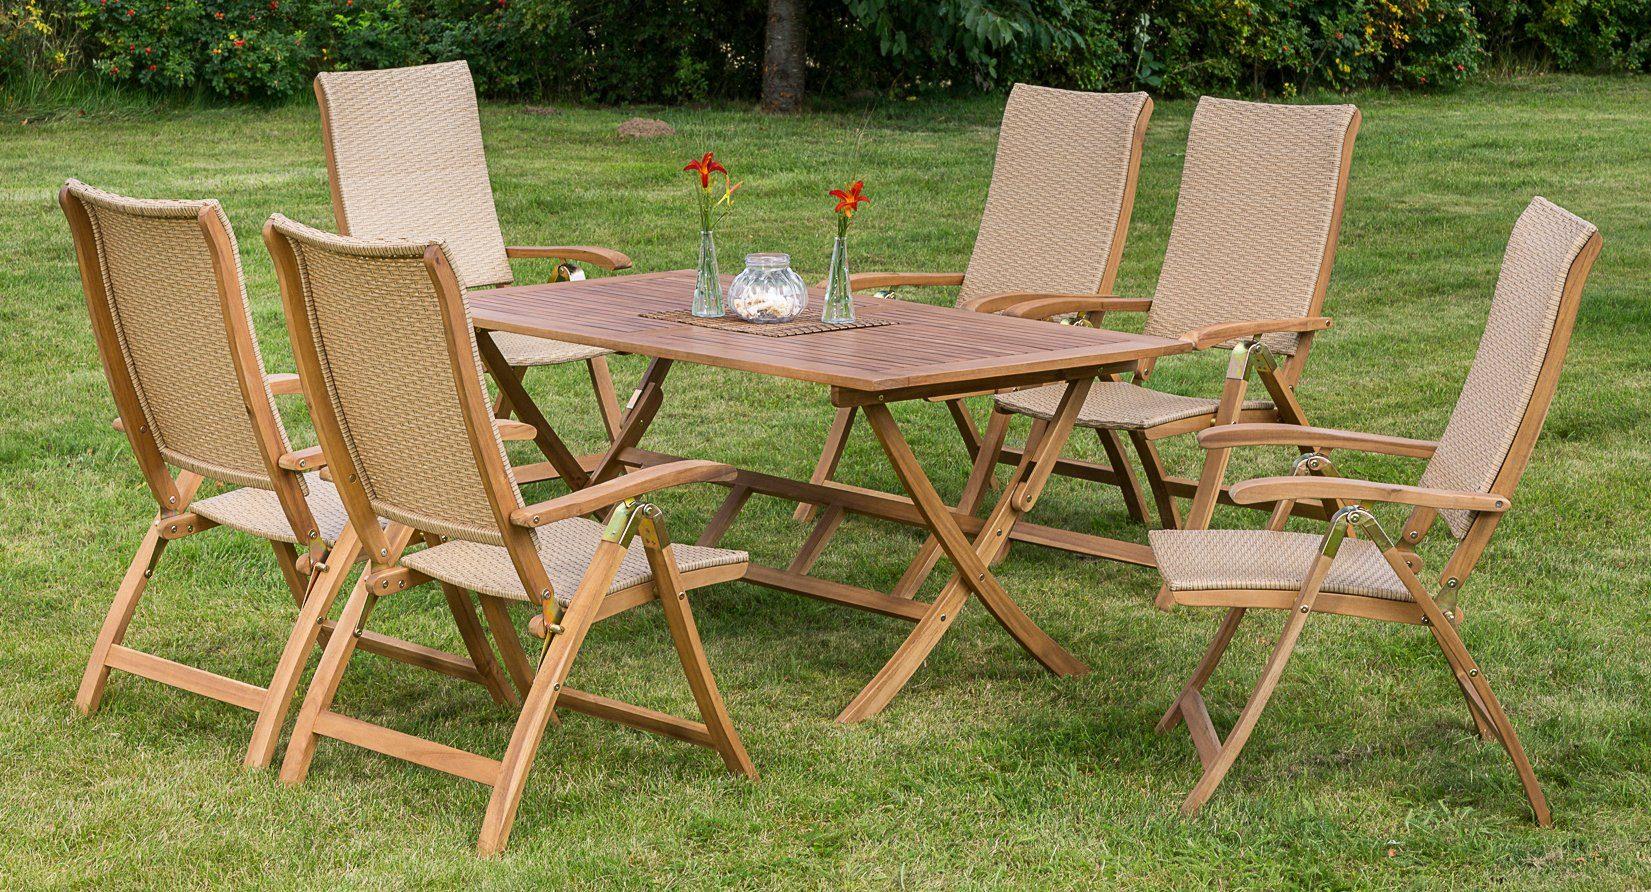 Inklapbare Tafel Kopen : Merxx tuinmeubelset capri« dlg klapstoelen tafel